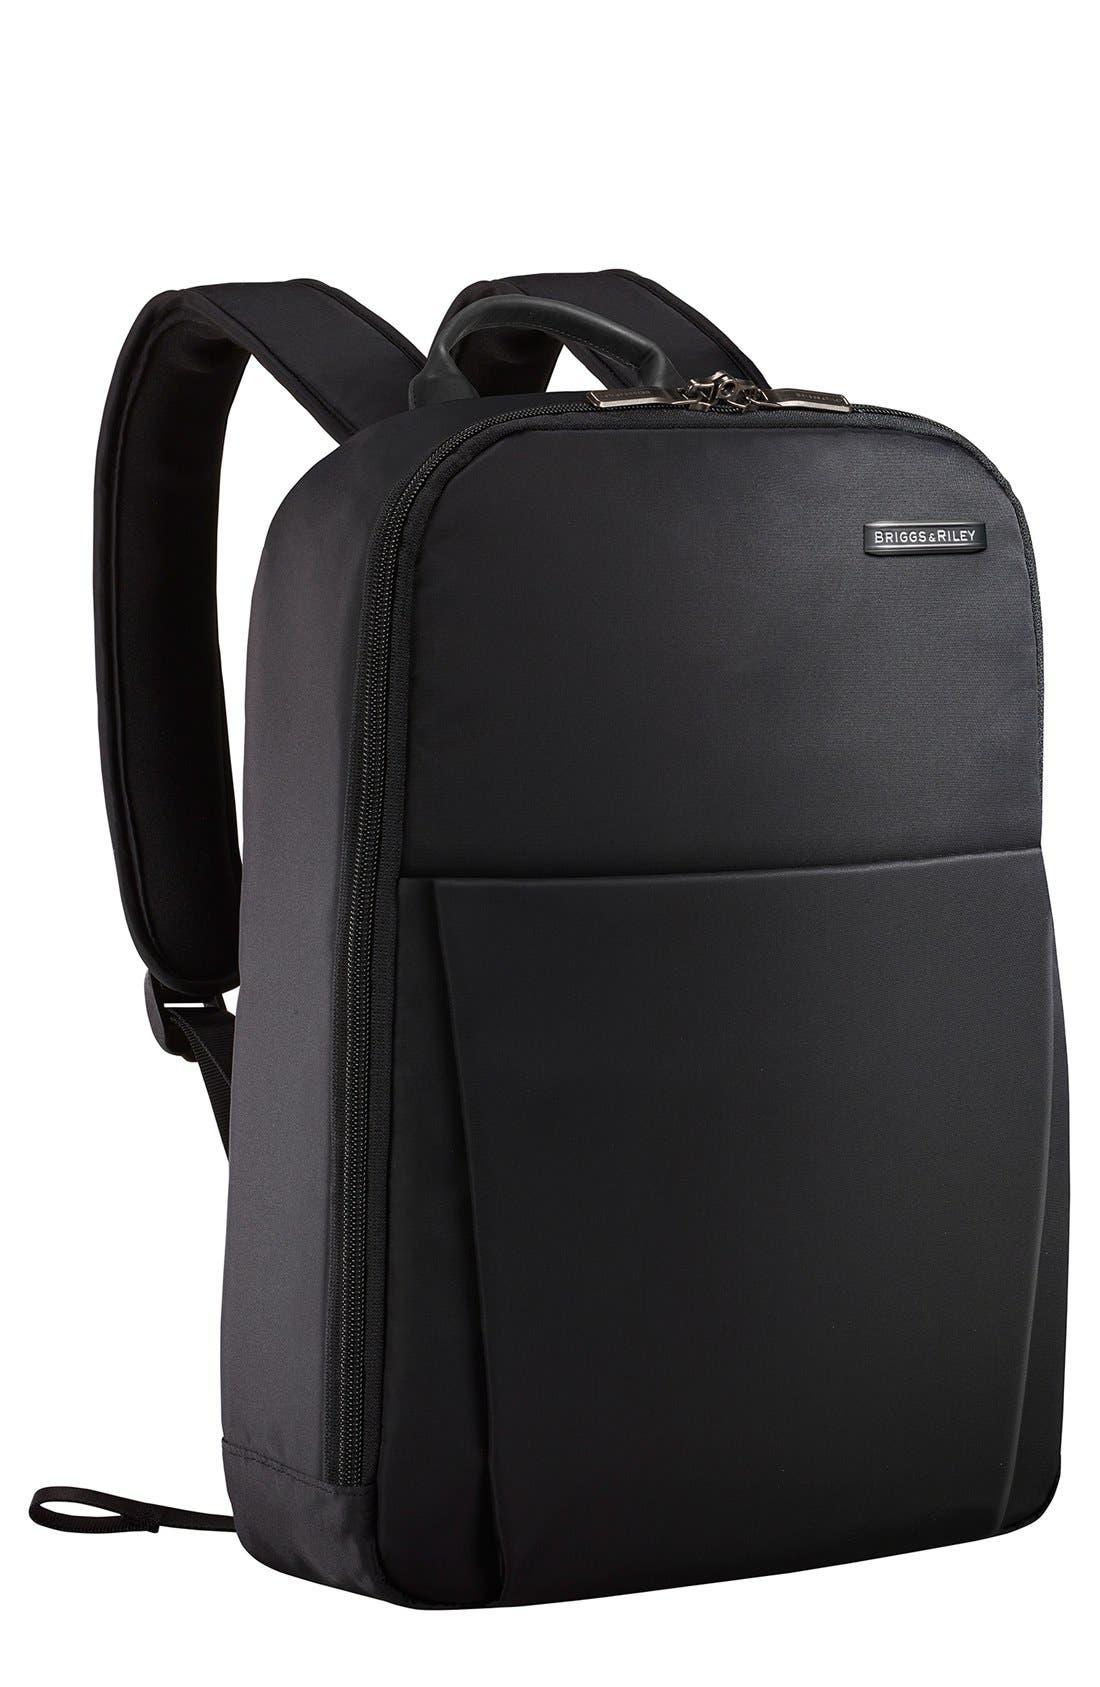 Briggs & Riley 'Sympatico'Backpack